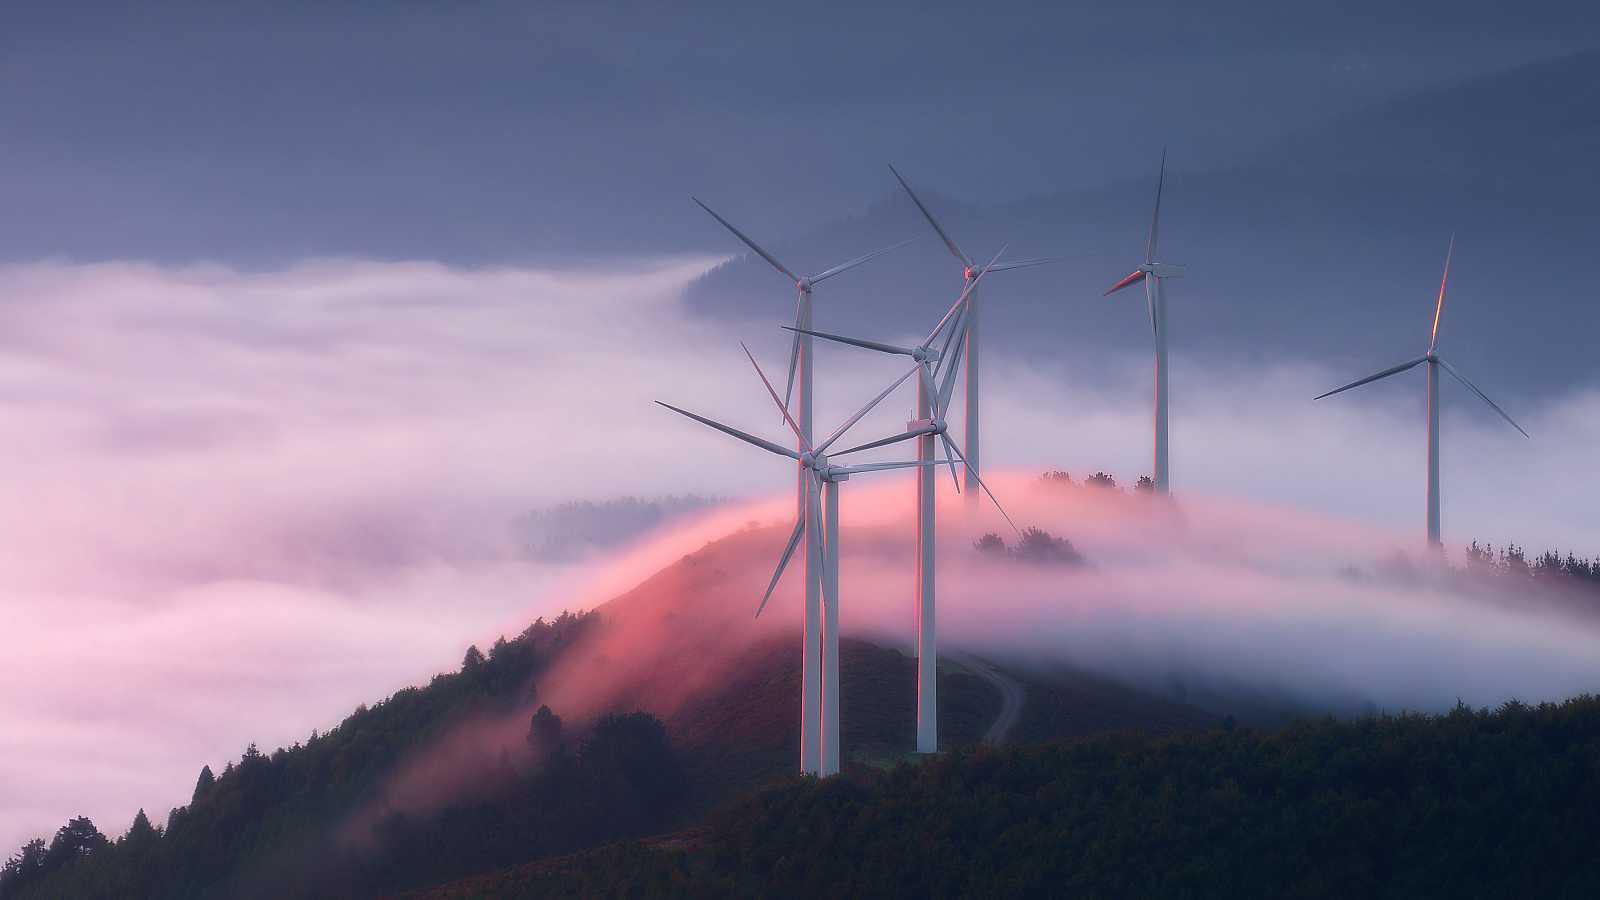 El objetivo es que el 74% de la electricidad en España sea renovable en 2030, y el 100% antes de 2050.